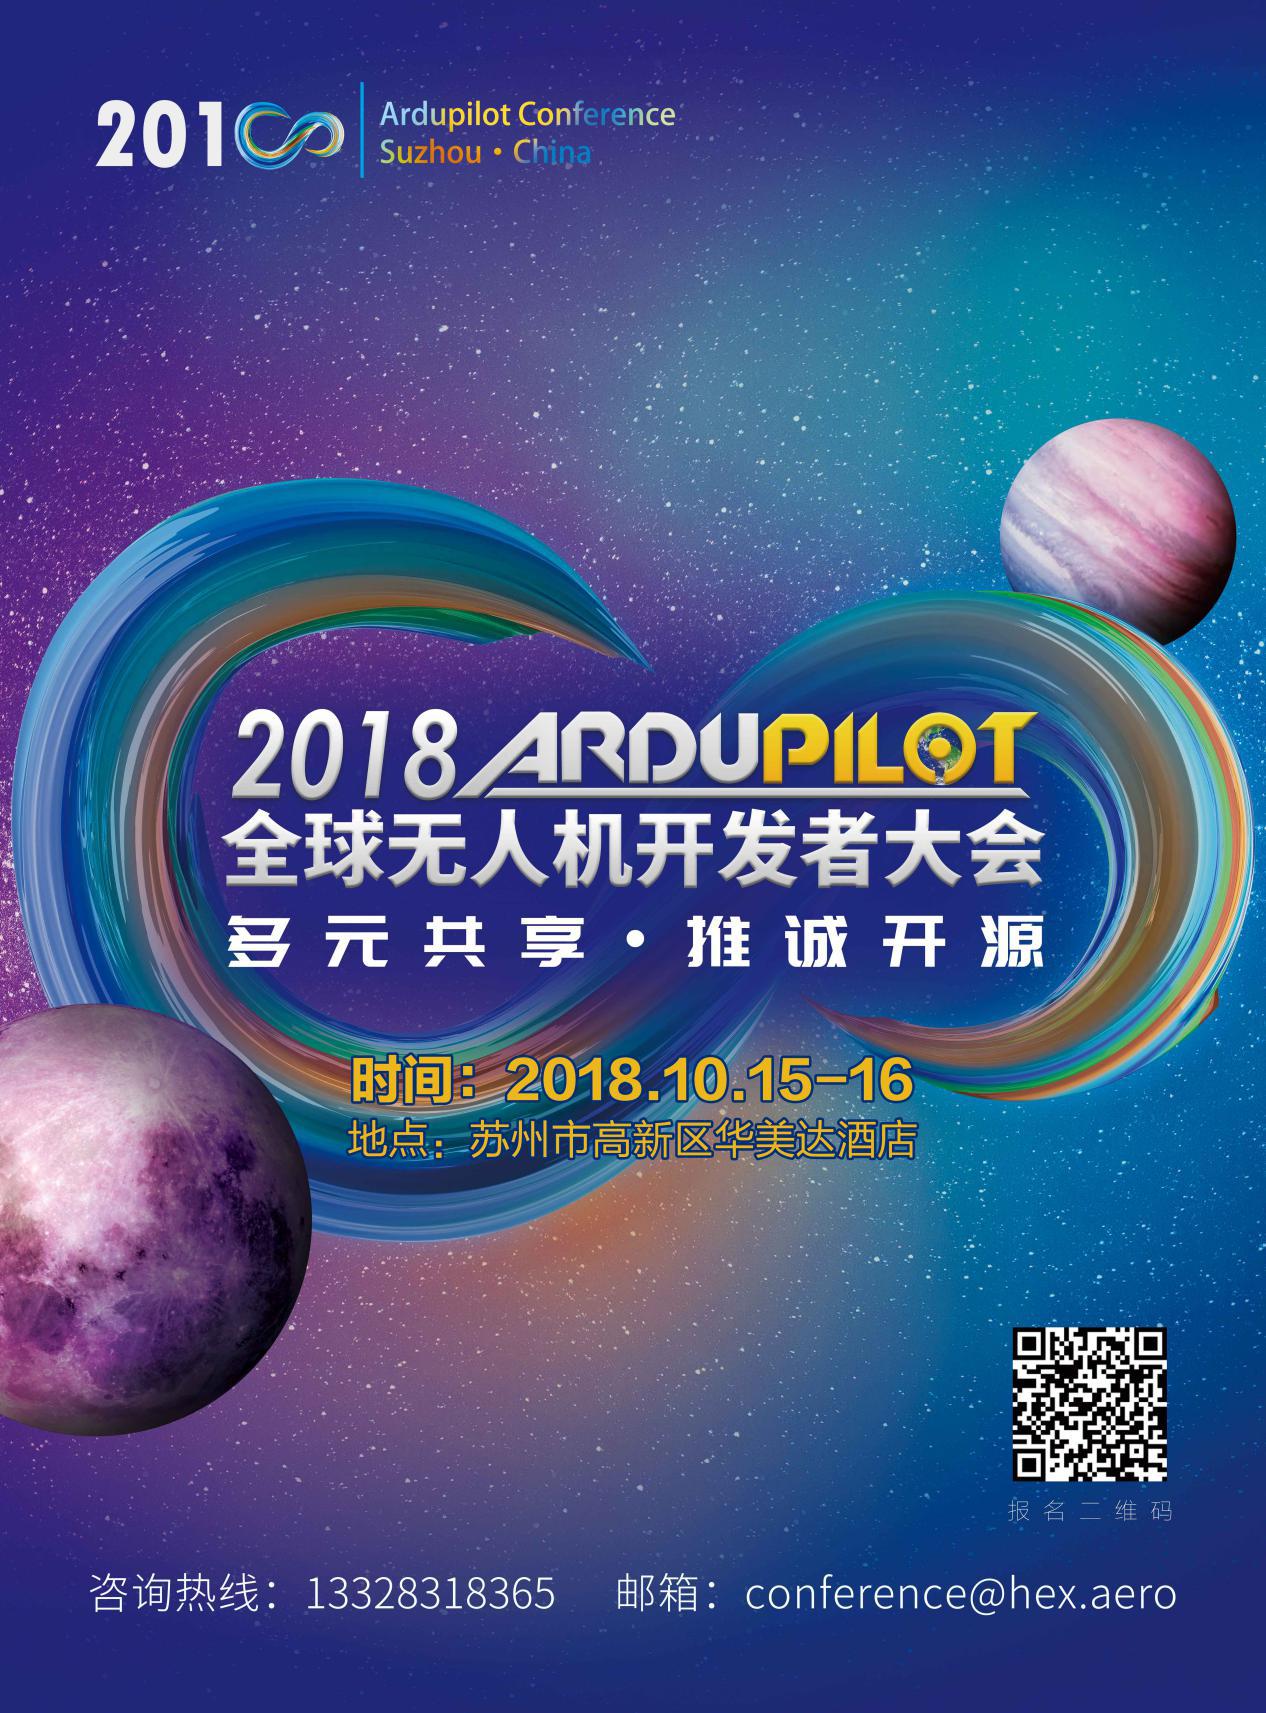 第二届ArduPilot全球无人机开发者大会